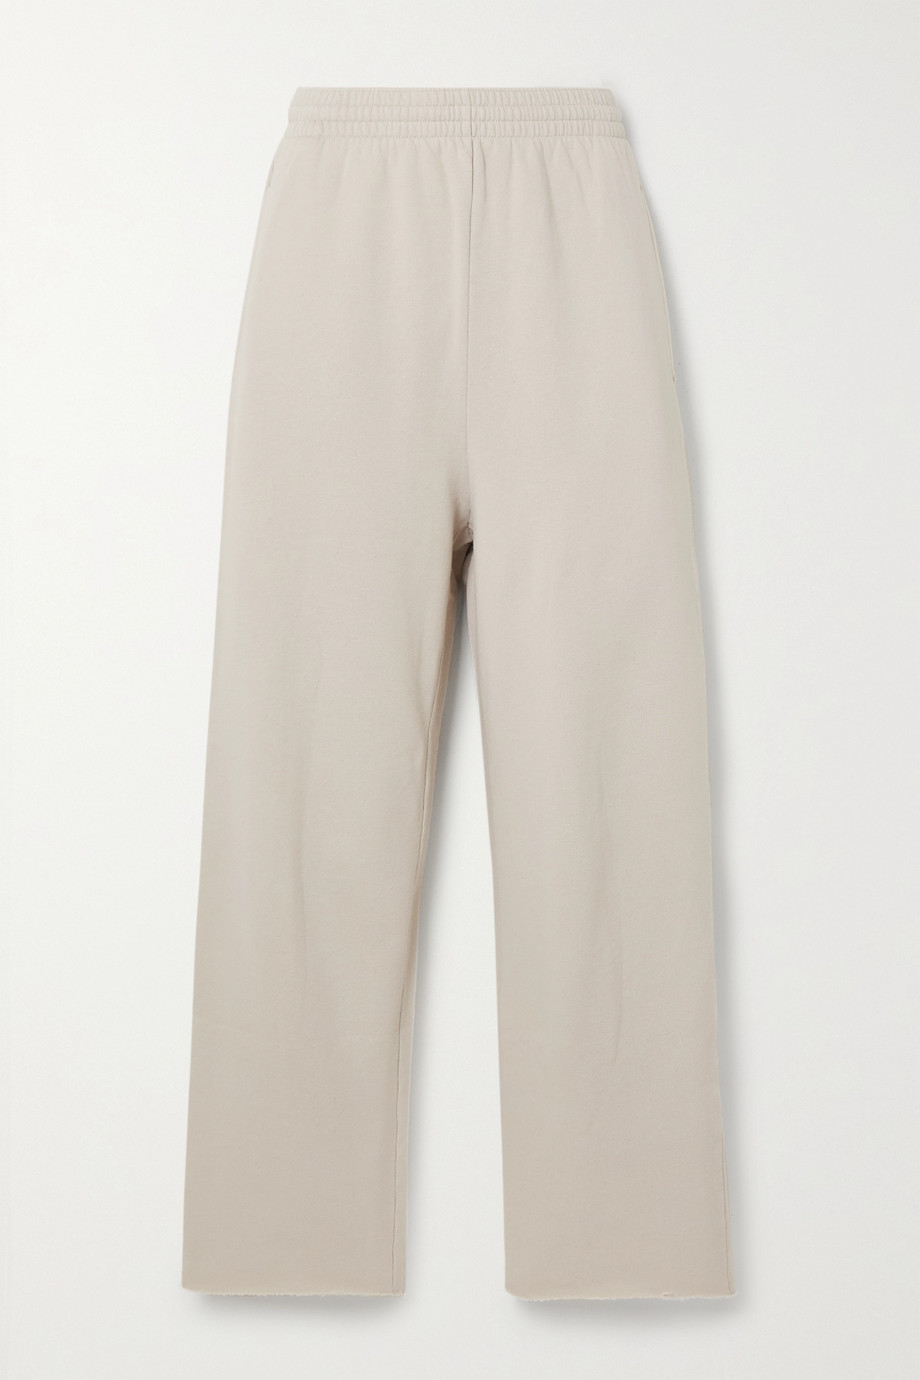 Balenciaga Pantalon de survêtement raccourci en jersey de coton